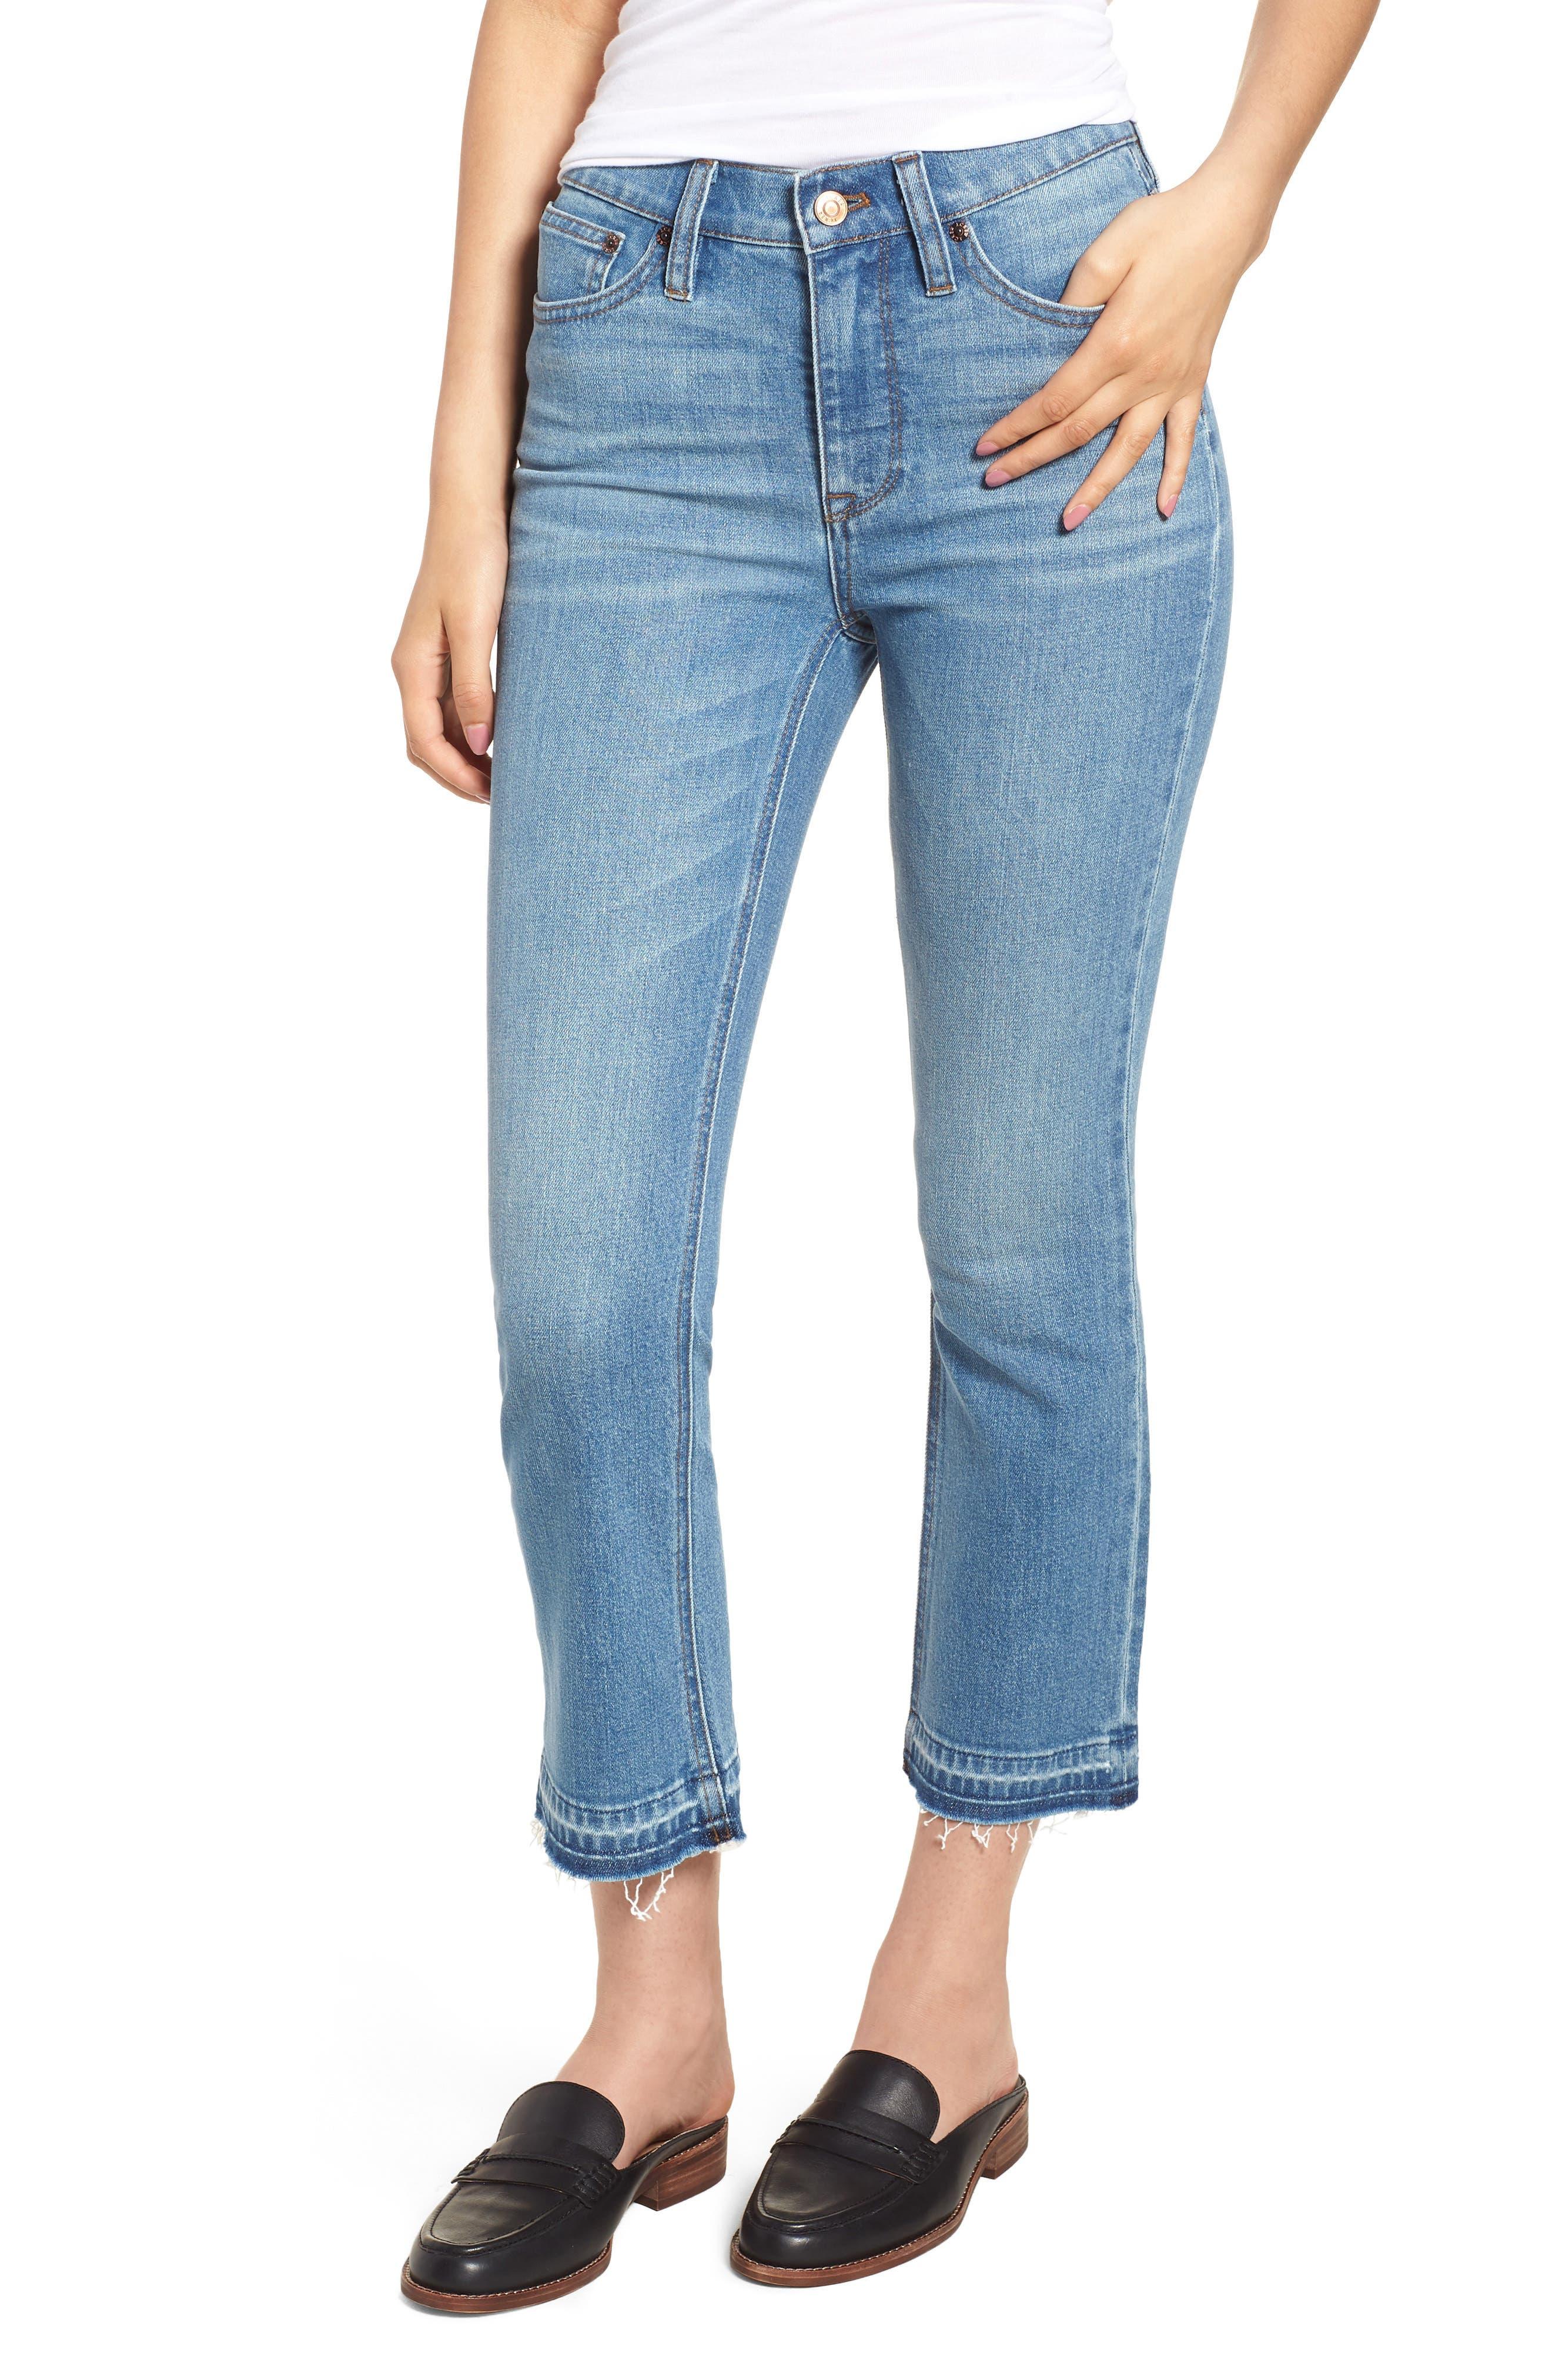 Billie Demi Boot Crop Jeans,                             Main thumbnail 1, color,                             400